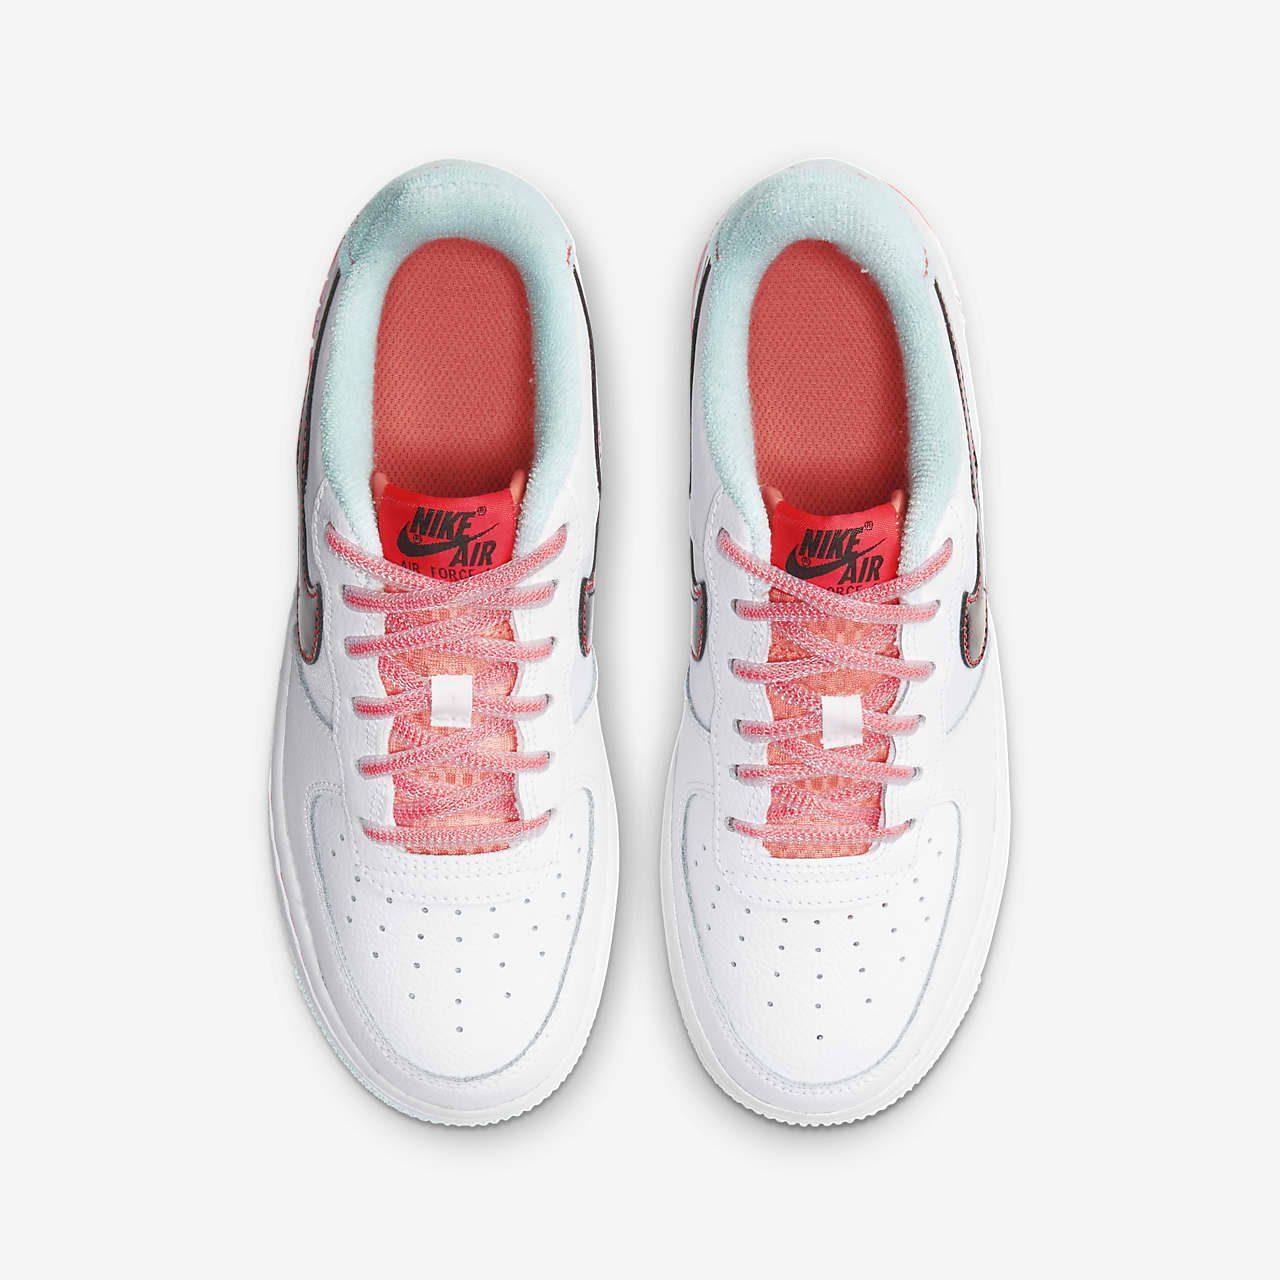 ナイキ エア フォース 1 ホワイト フラッシュ クリムゾン アトミック ピンク Nike Air Force 1 07 LV8 White Flash Crimson Atomic Pink DD7709-100 top